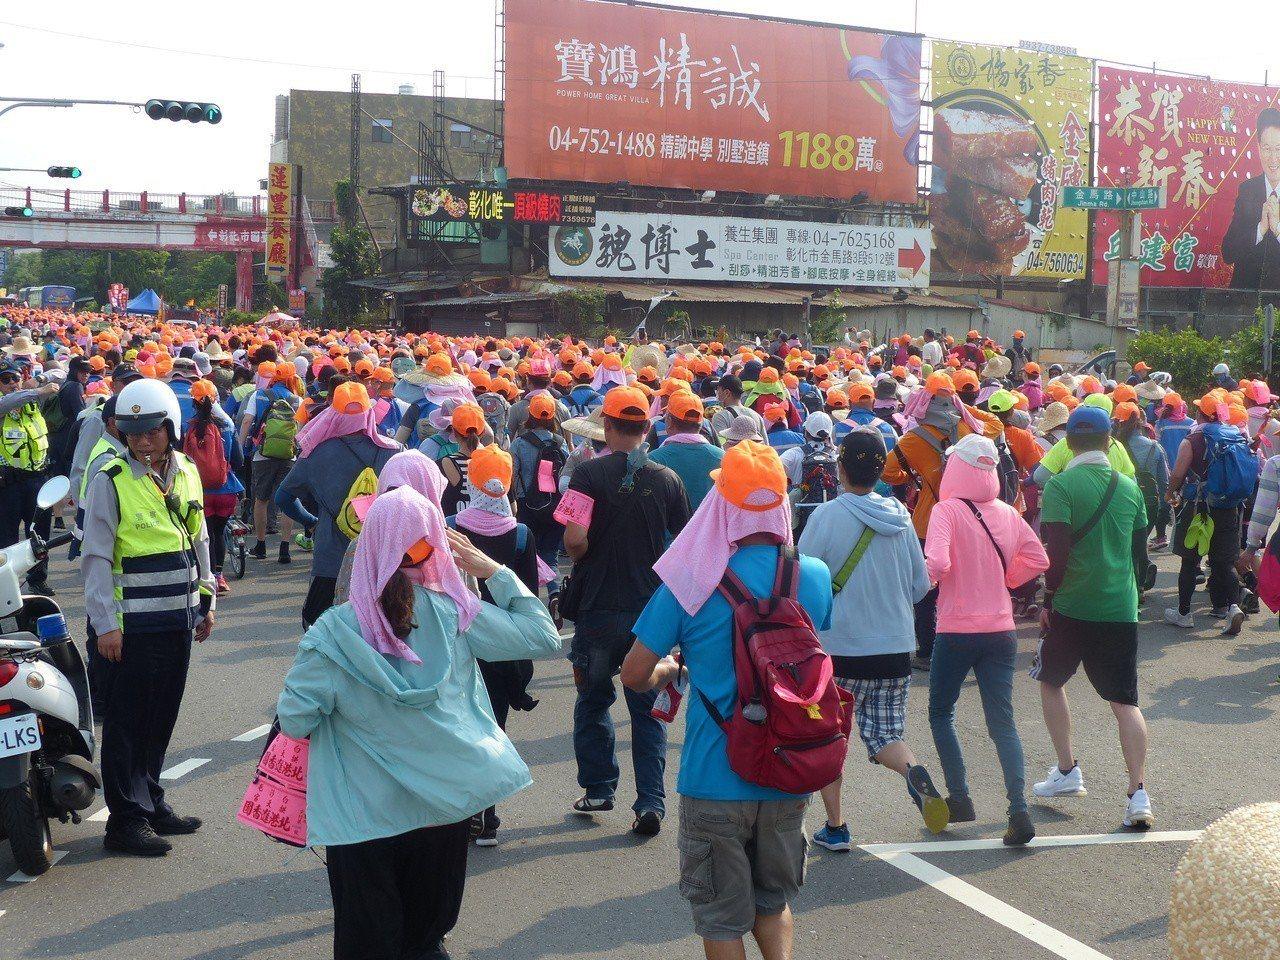 白沙屯媽祖成千上萬隨香信眾向彰化市中山路。記者劉明岩/攝影